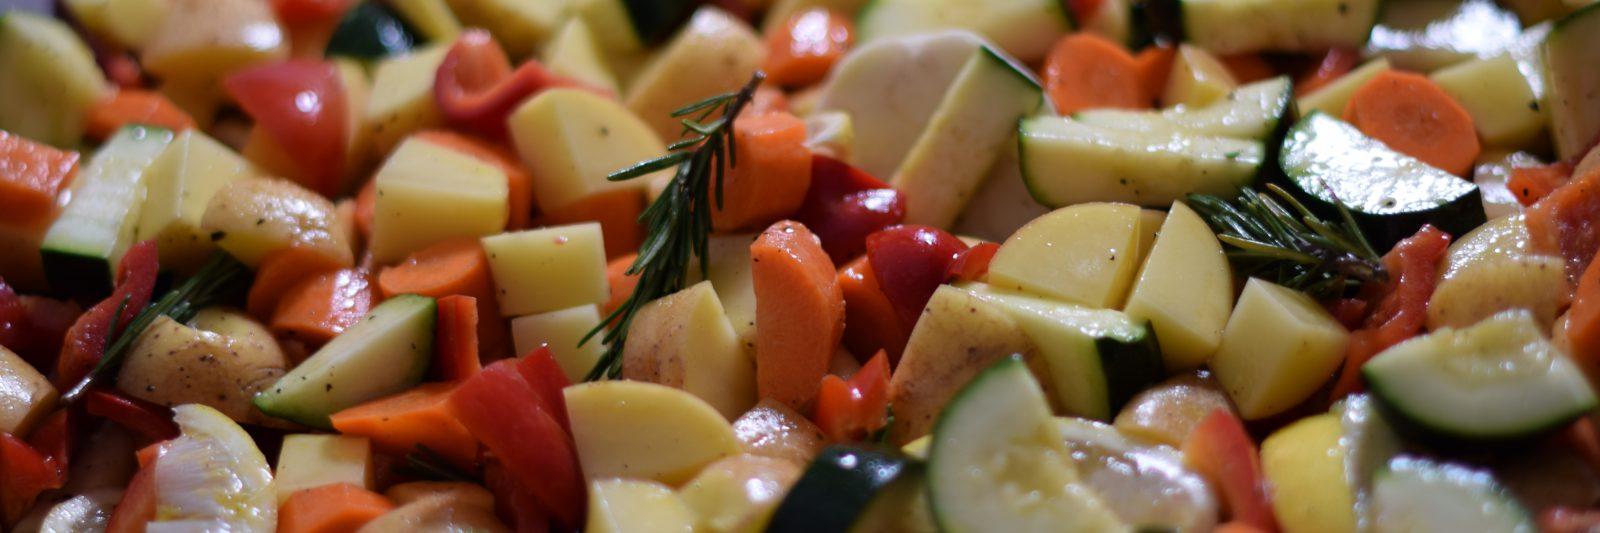 Glutenvrij eten : Ovenschotel met wintergroentes, glanzend van de olijfolie. Met wortel, courgette, rozemarijn, paprika en citroen.